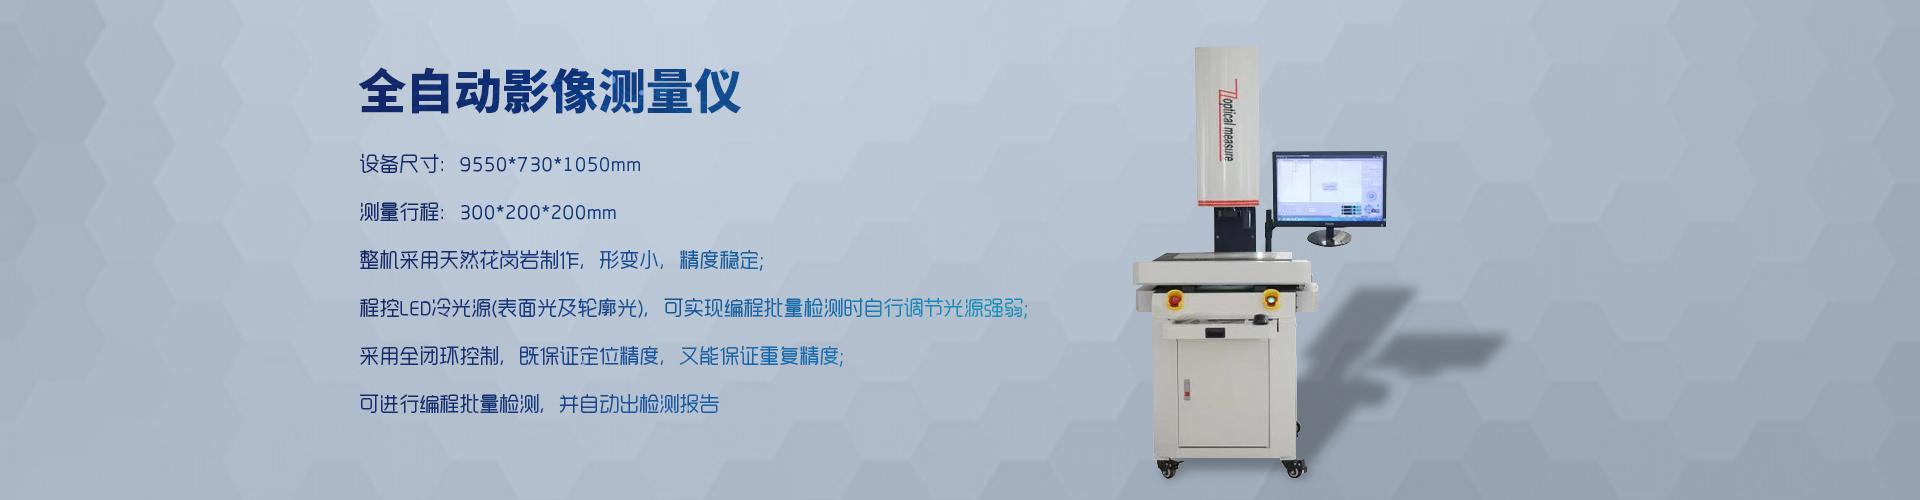 深圳2.5次元测量仪